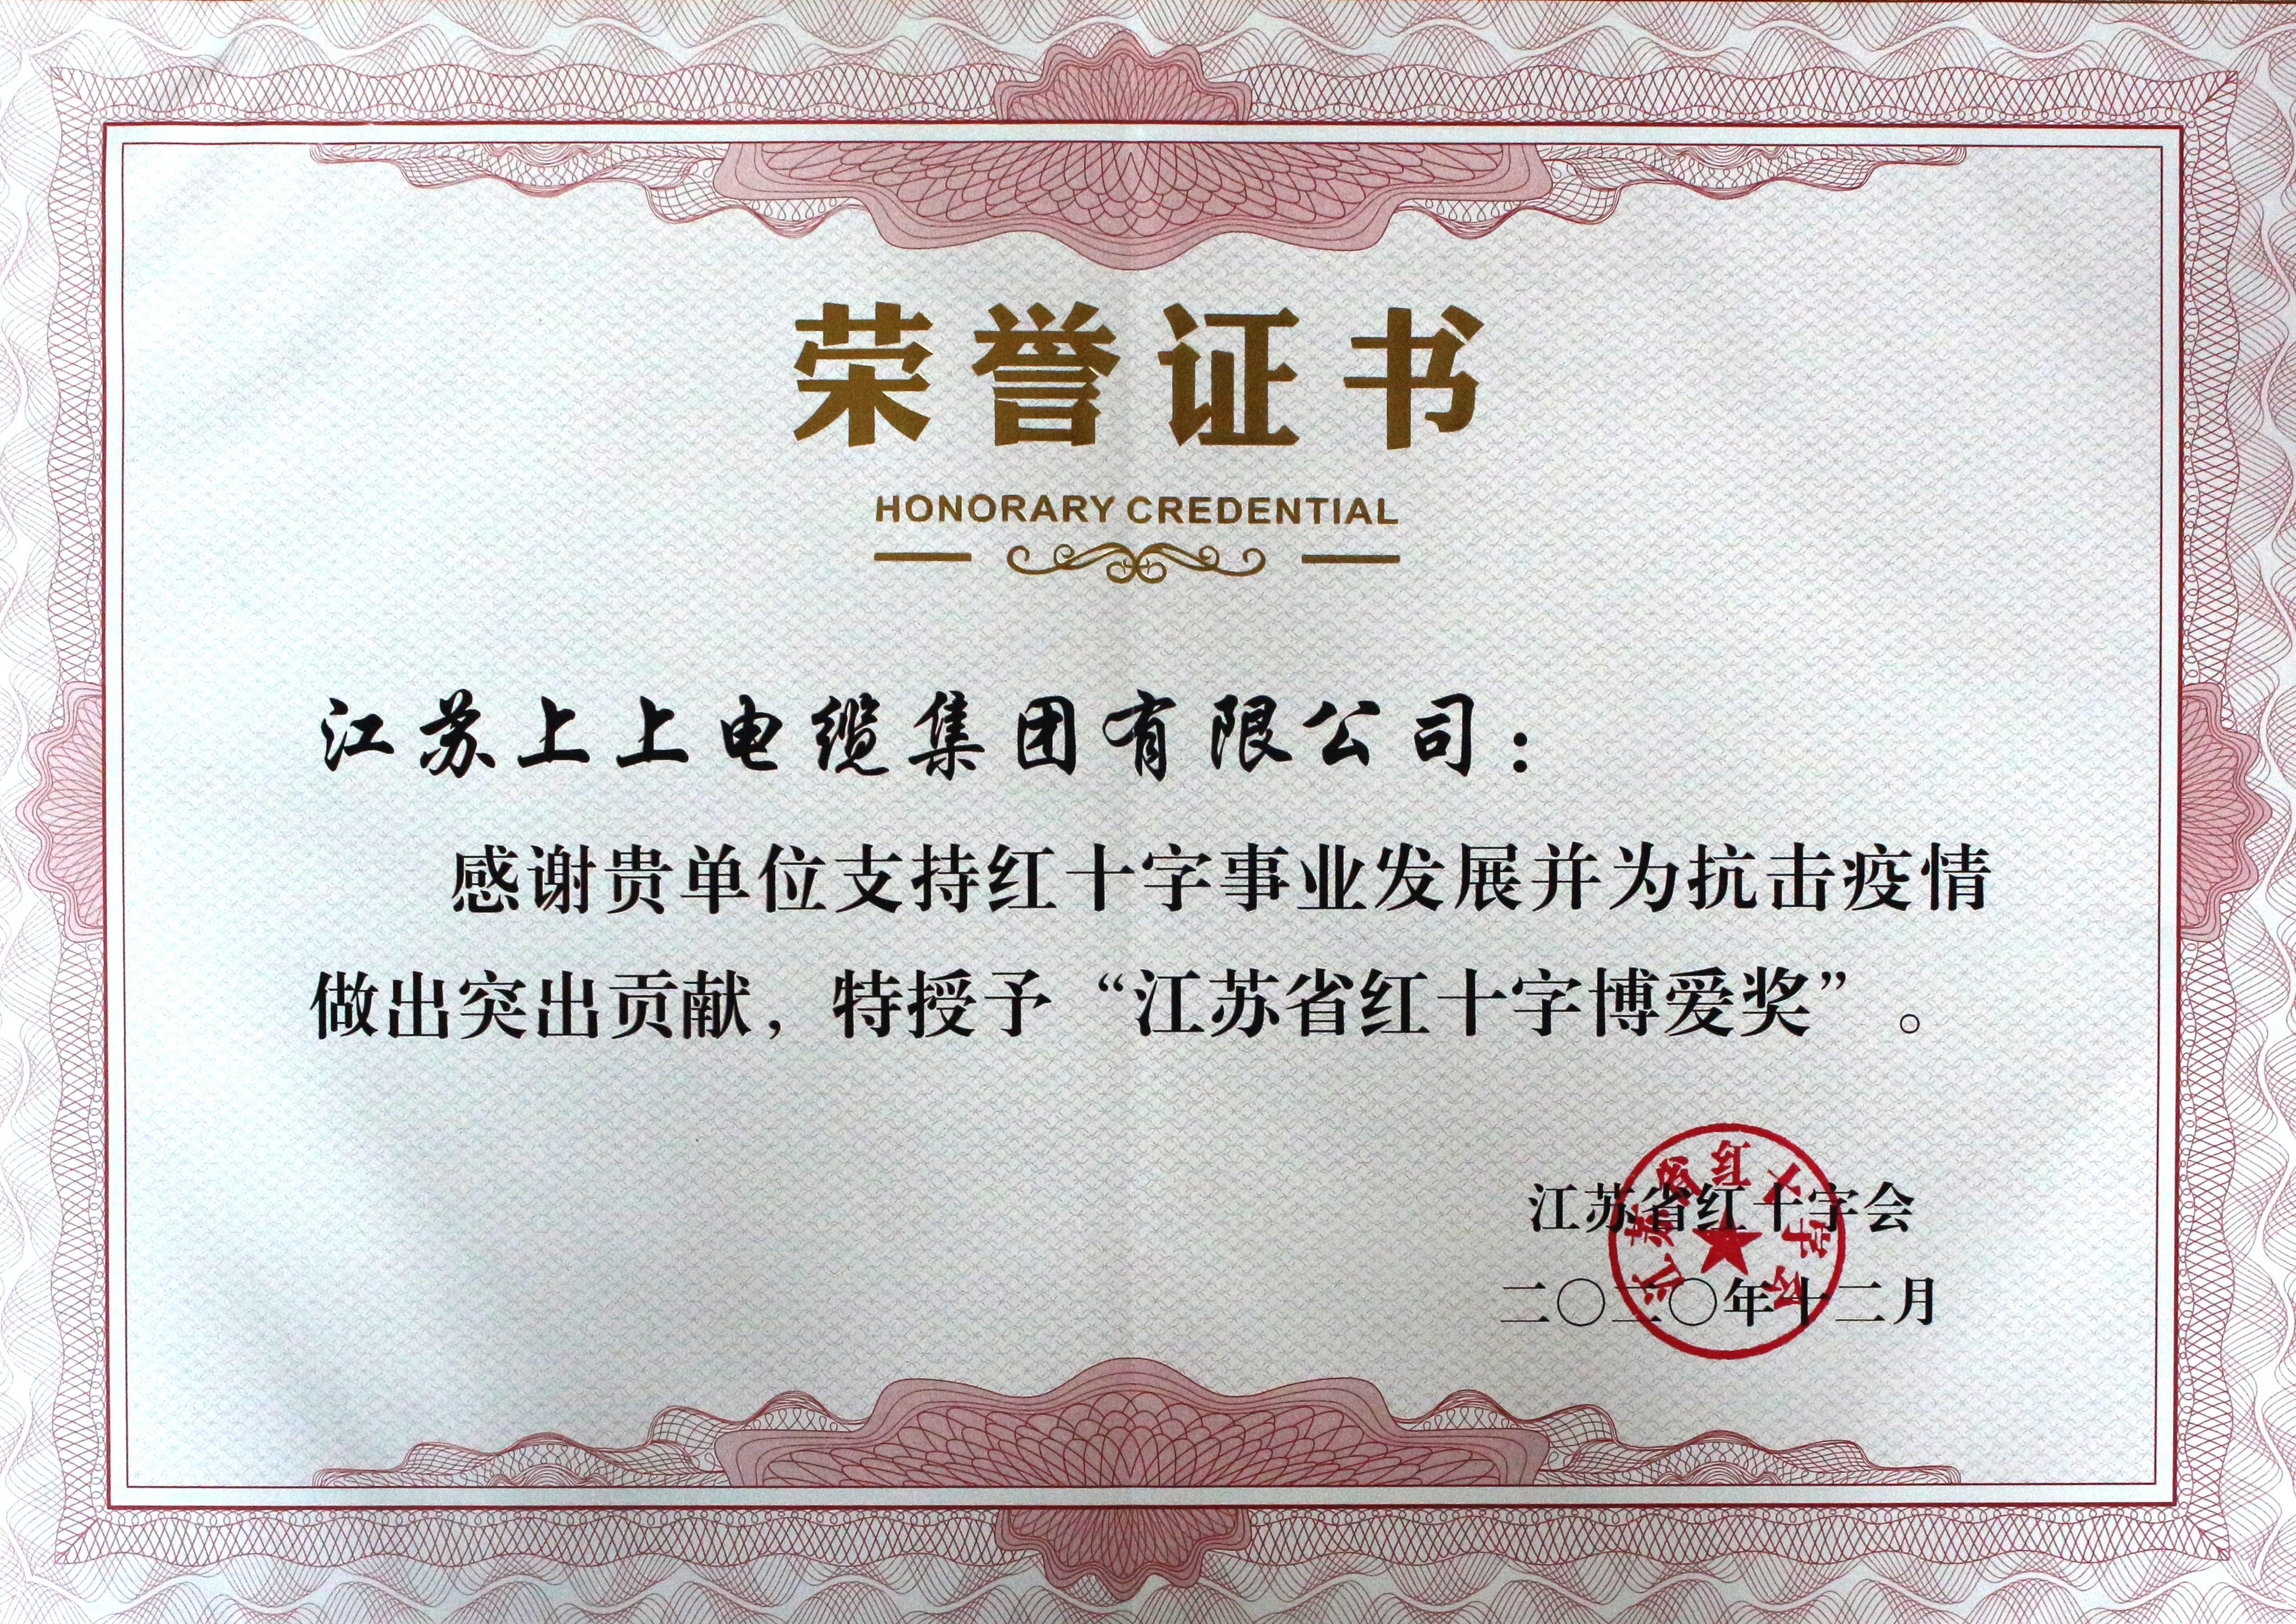 """江苏上上电缆集团被授予""""江苏省红十字博爱奖"""""""